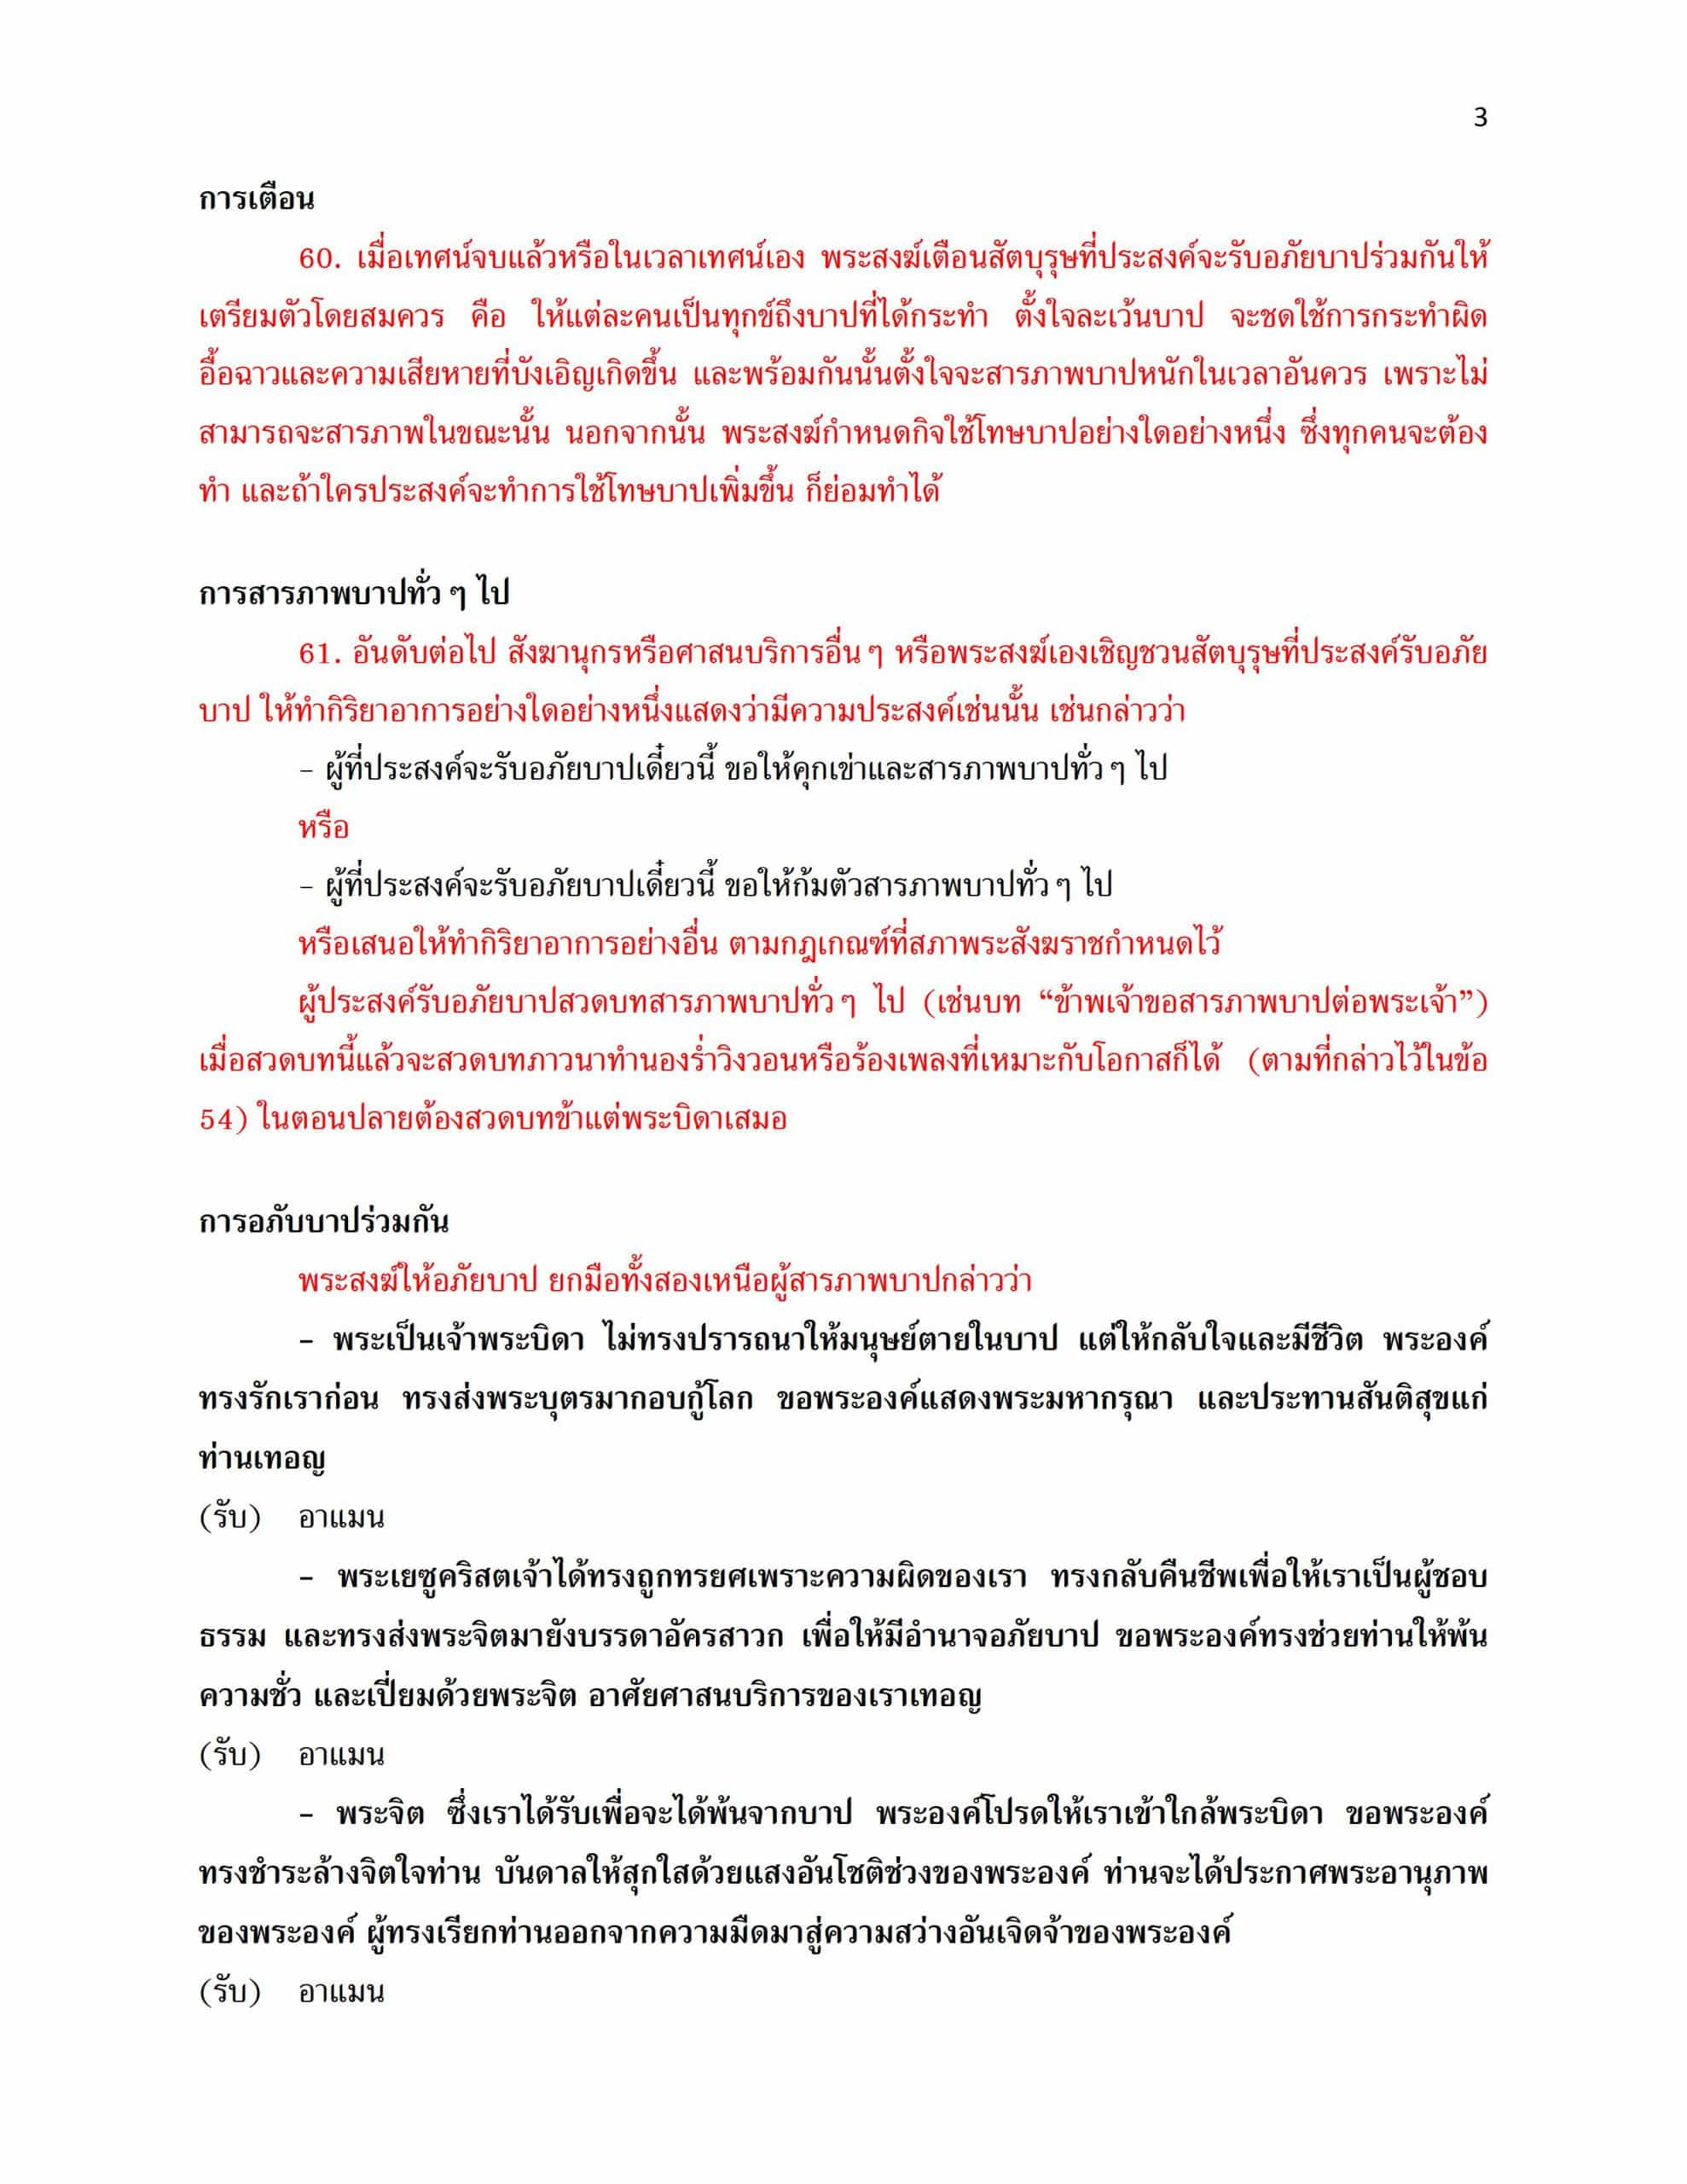 สาสน์อภิบาล เลขที่ สสท. 032-2020 (11)